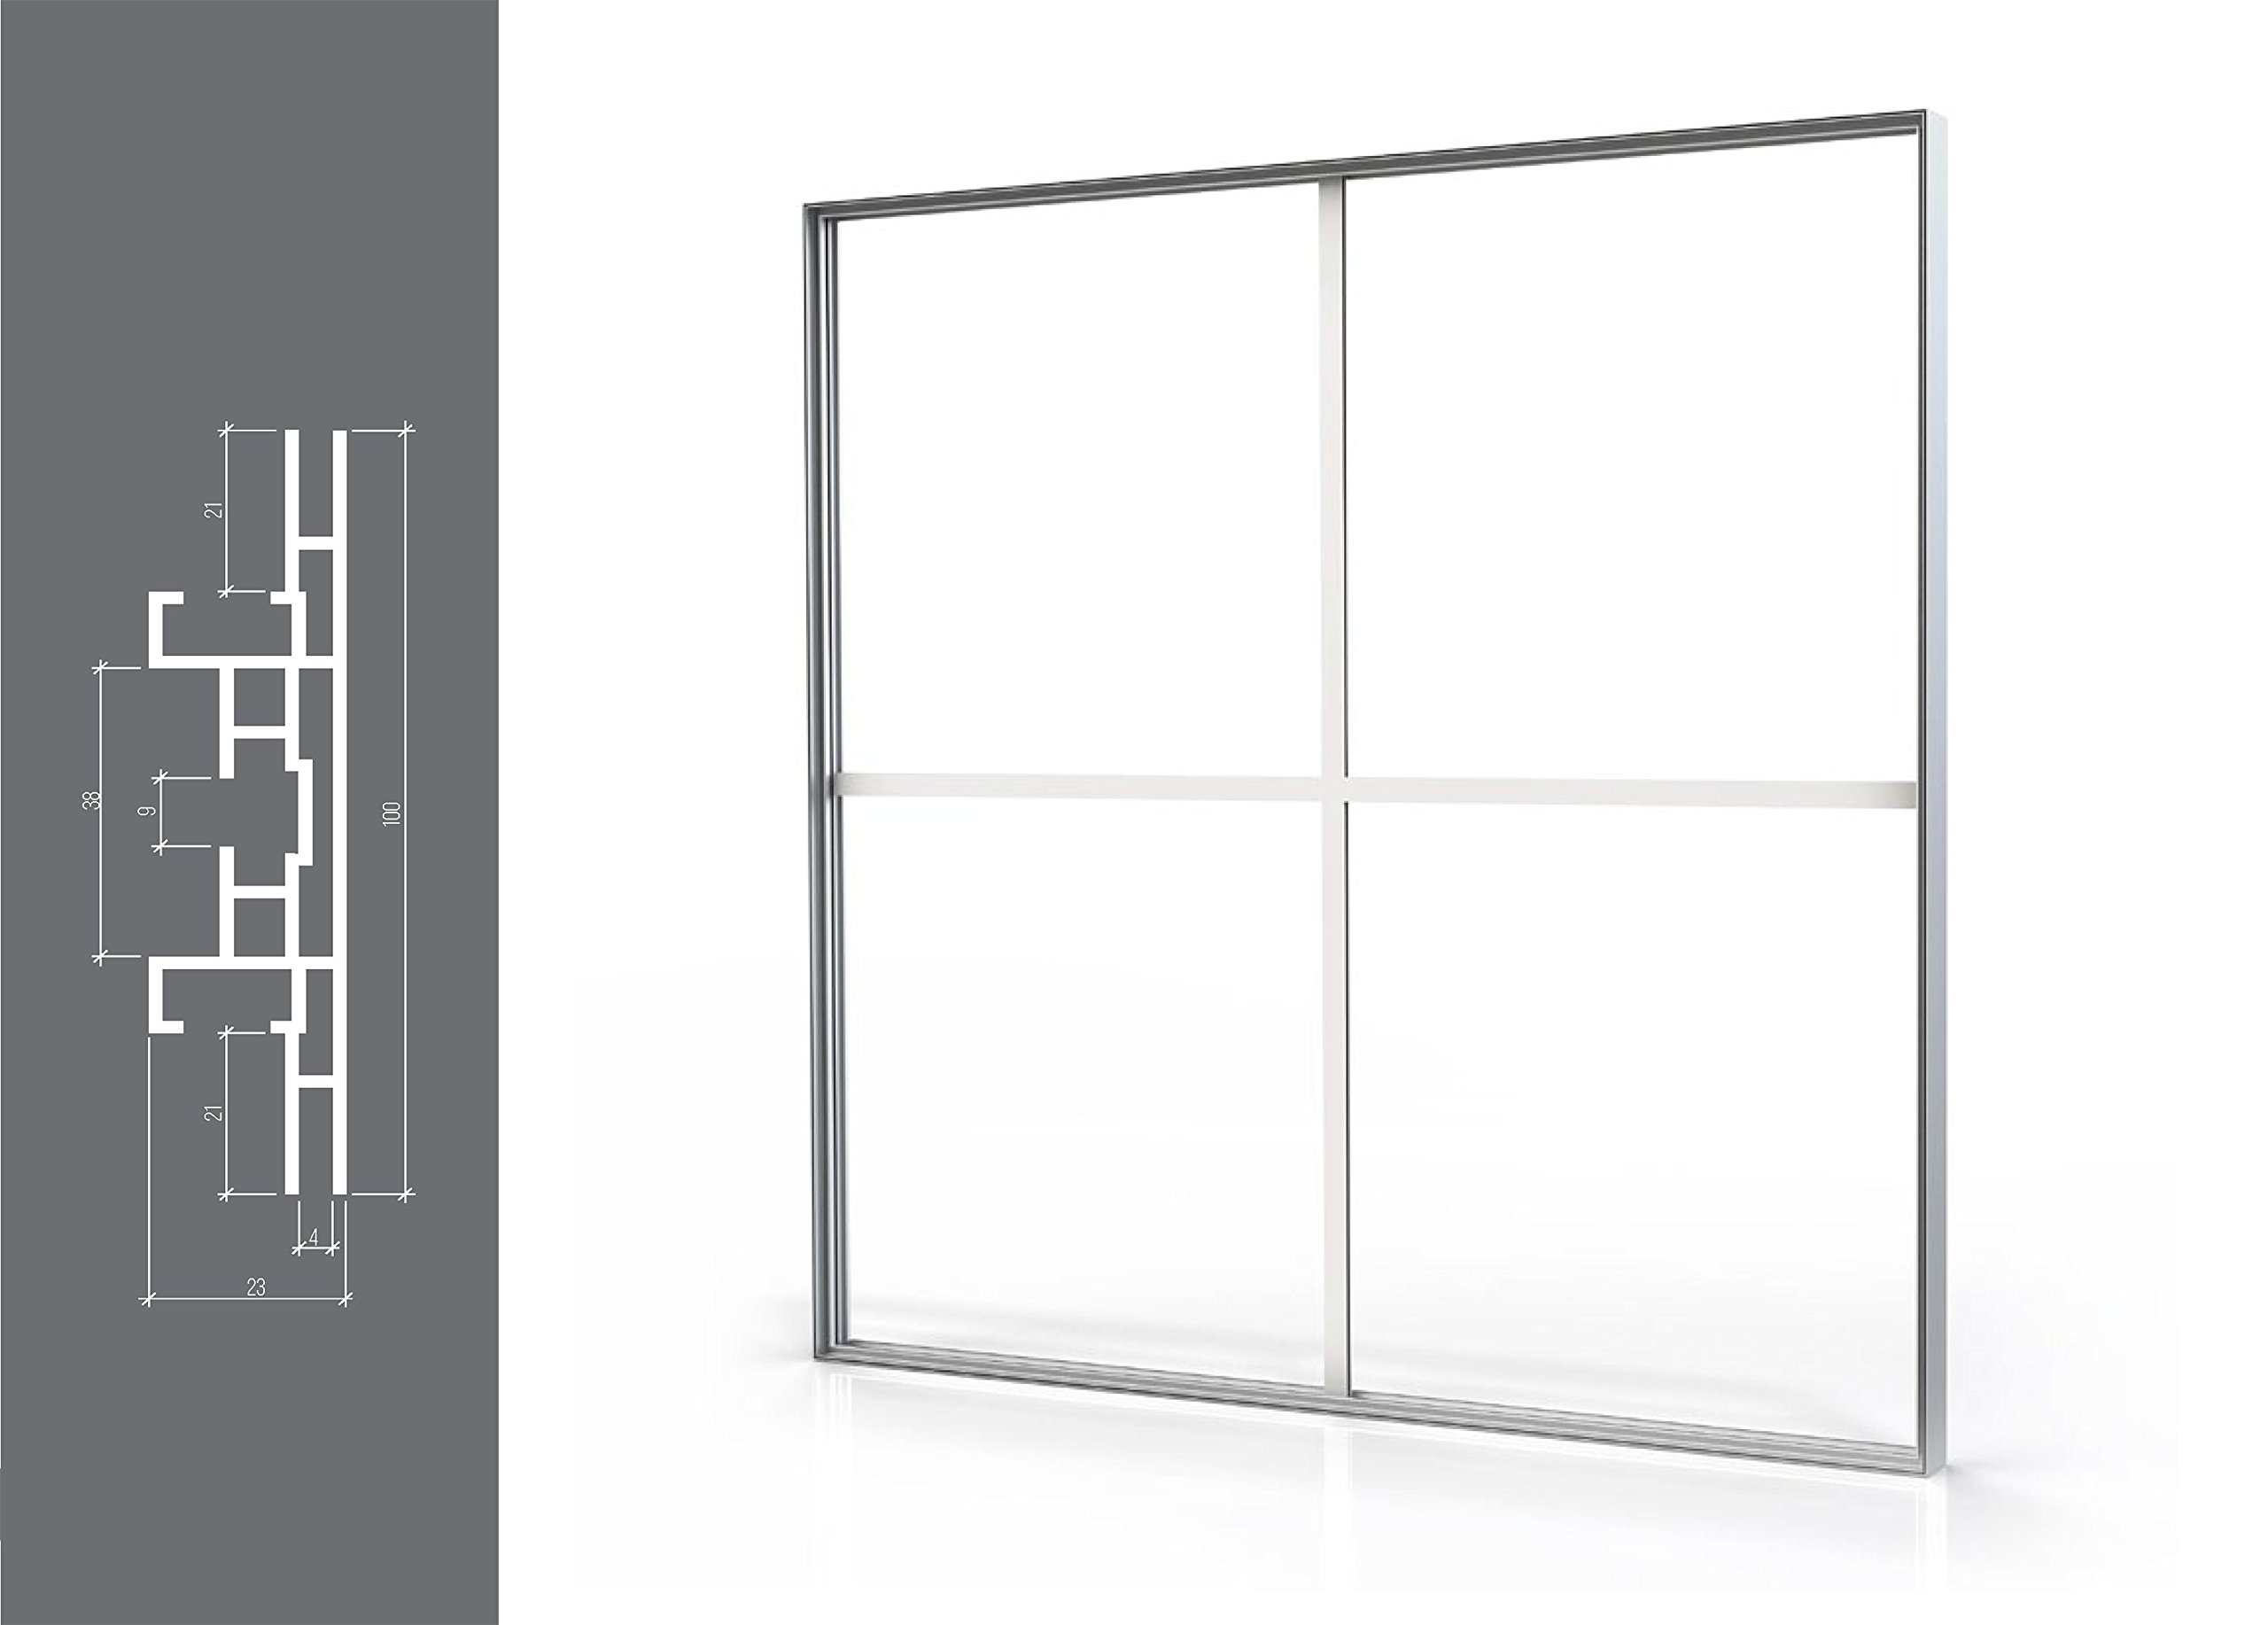 Marco para caja de luz con borde de tela de pie de doble cara, 100 mm, 200x100: Amazon.es: Oficina y papelería